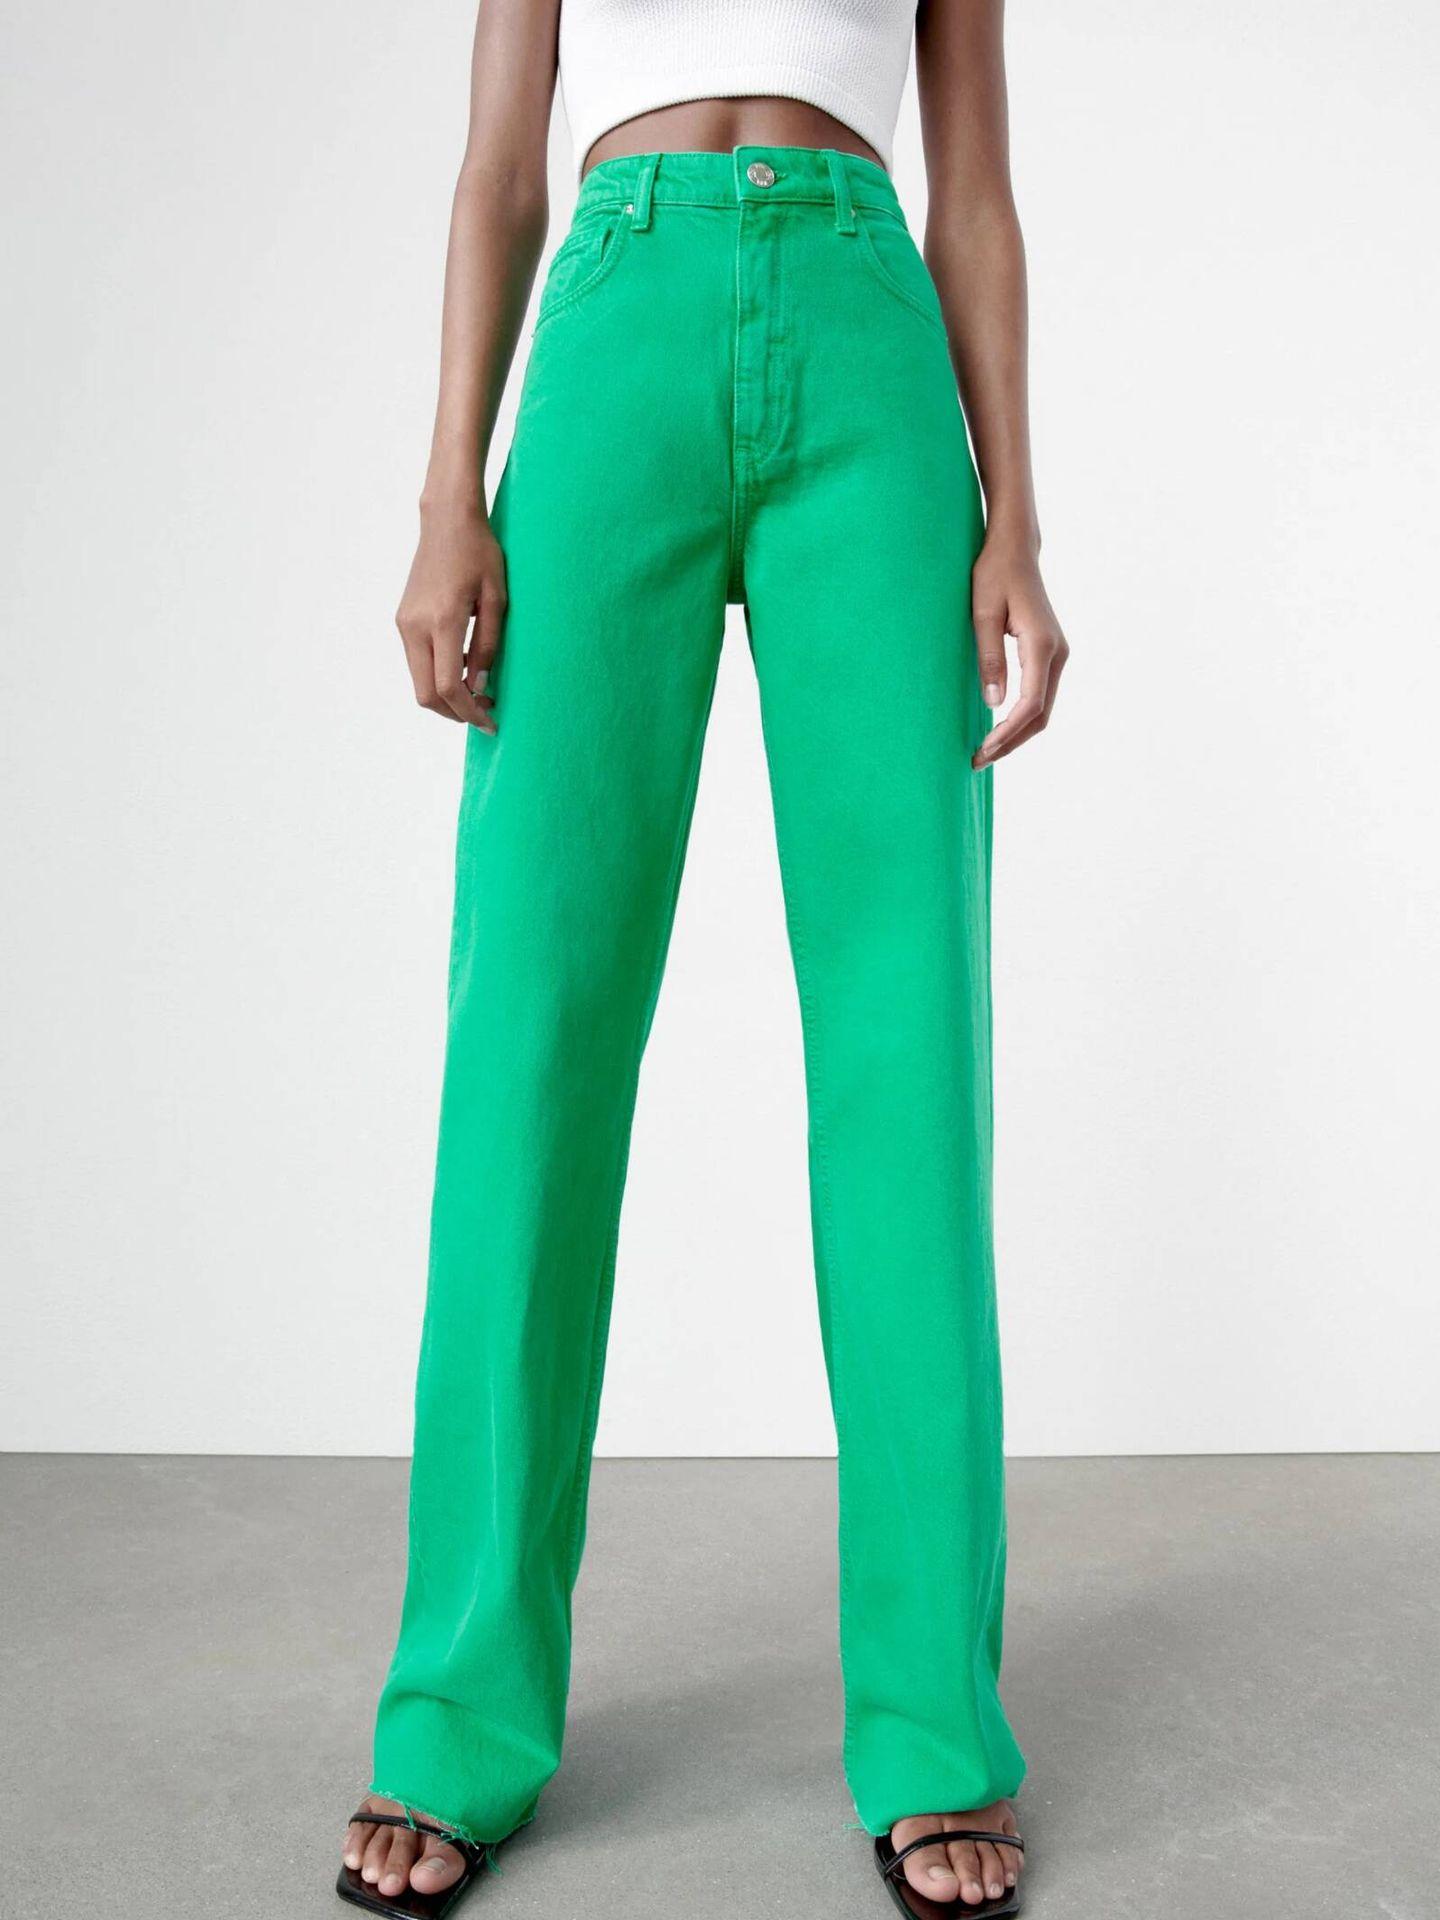 El pantalón de Zara que ha unido a Alexia y Victoria Federica. (Cortesía)